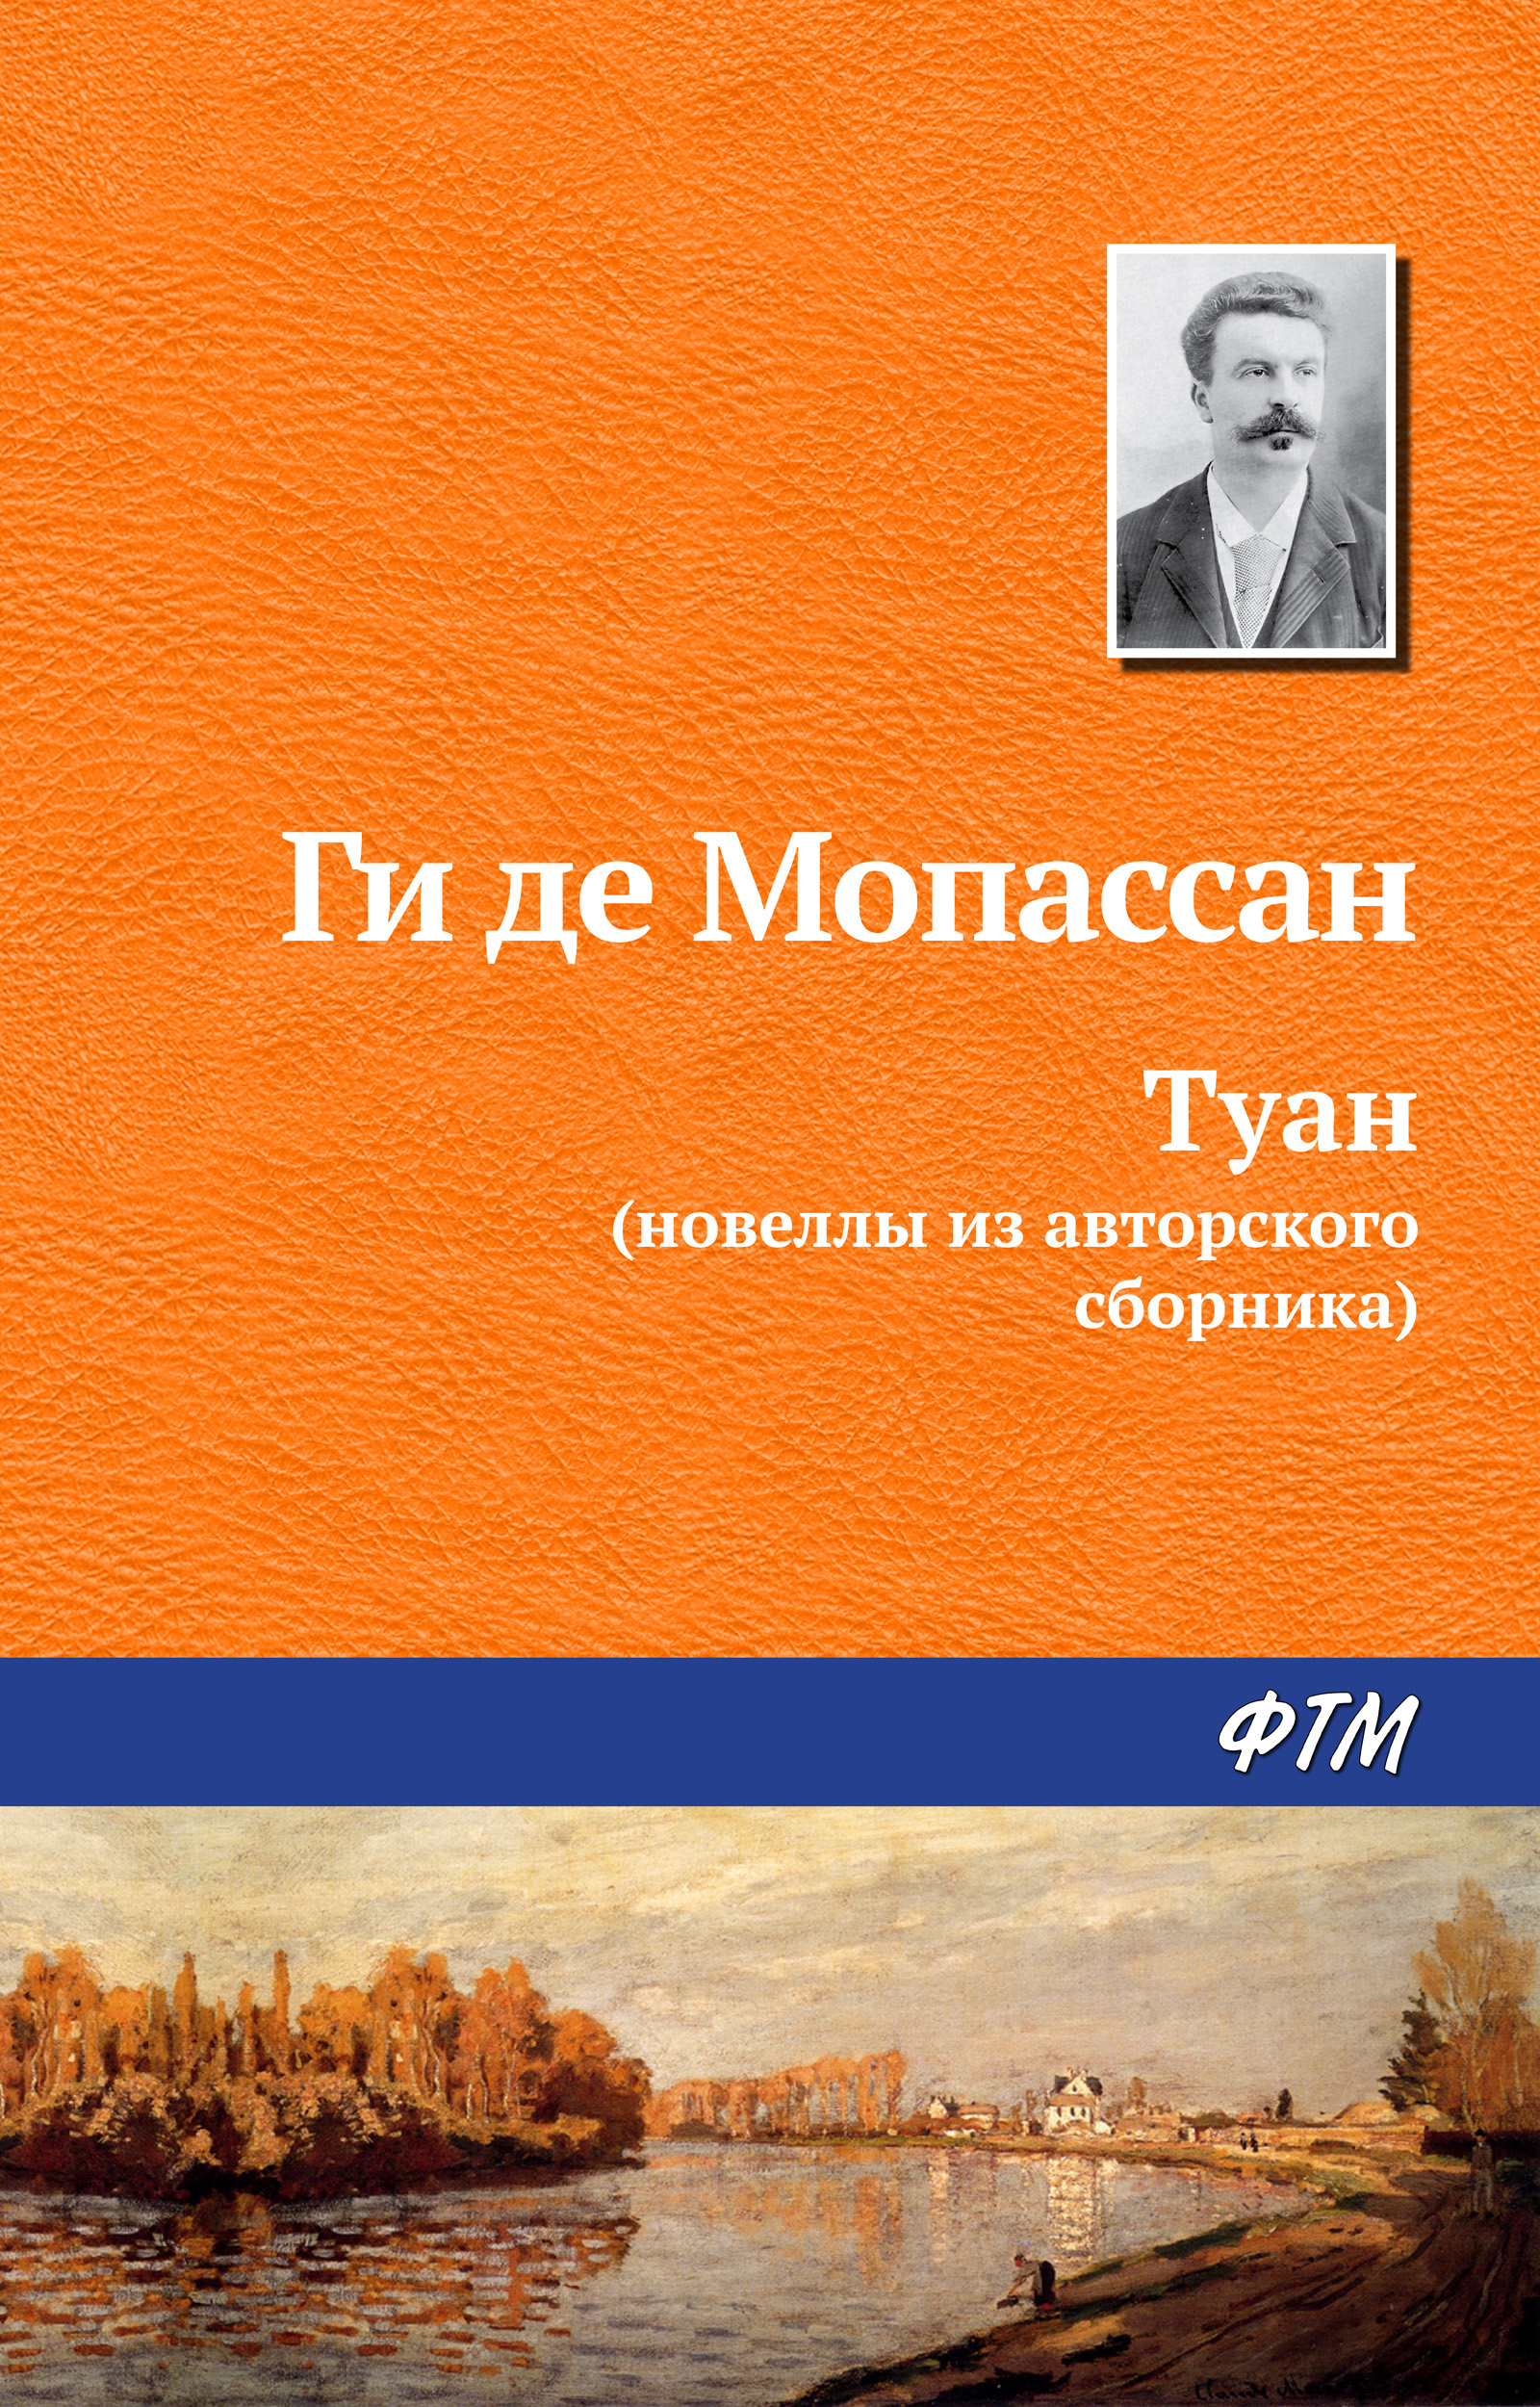 Купить книгу Туан, автора Ги де Мопассан